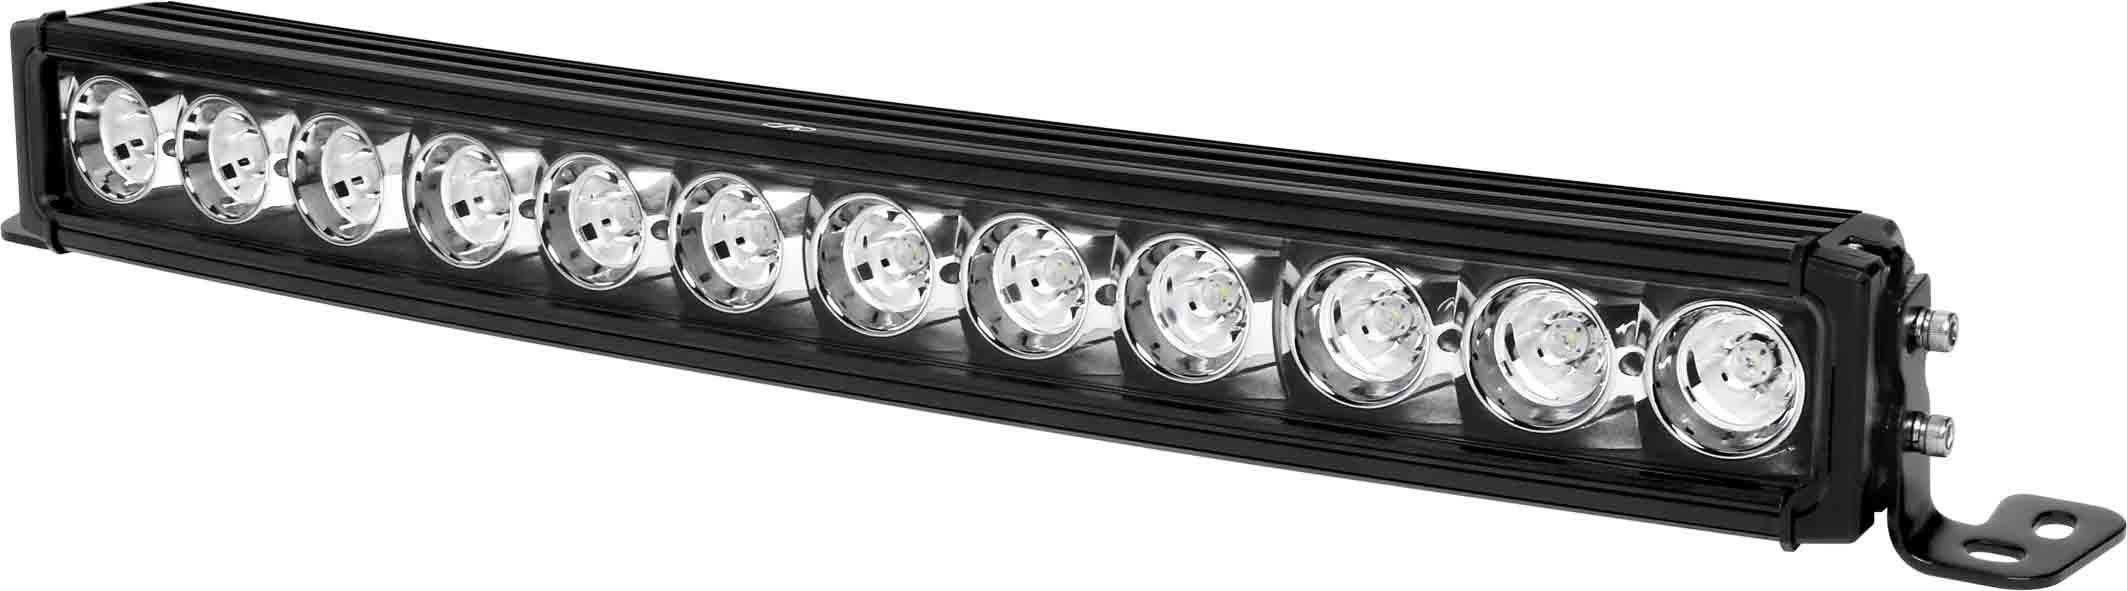 LED ramp 120W Böjd Classic Series